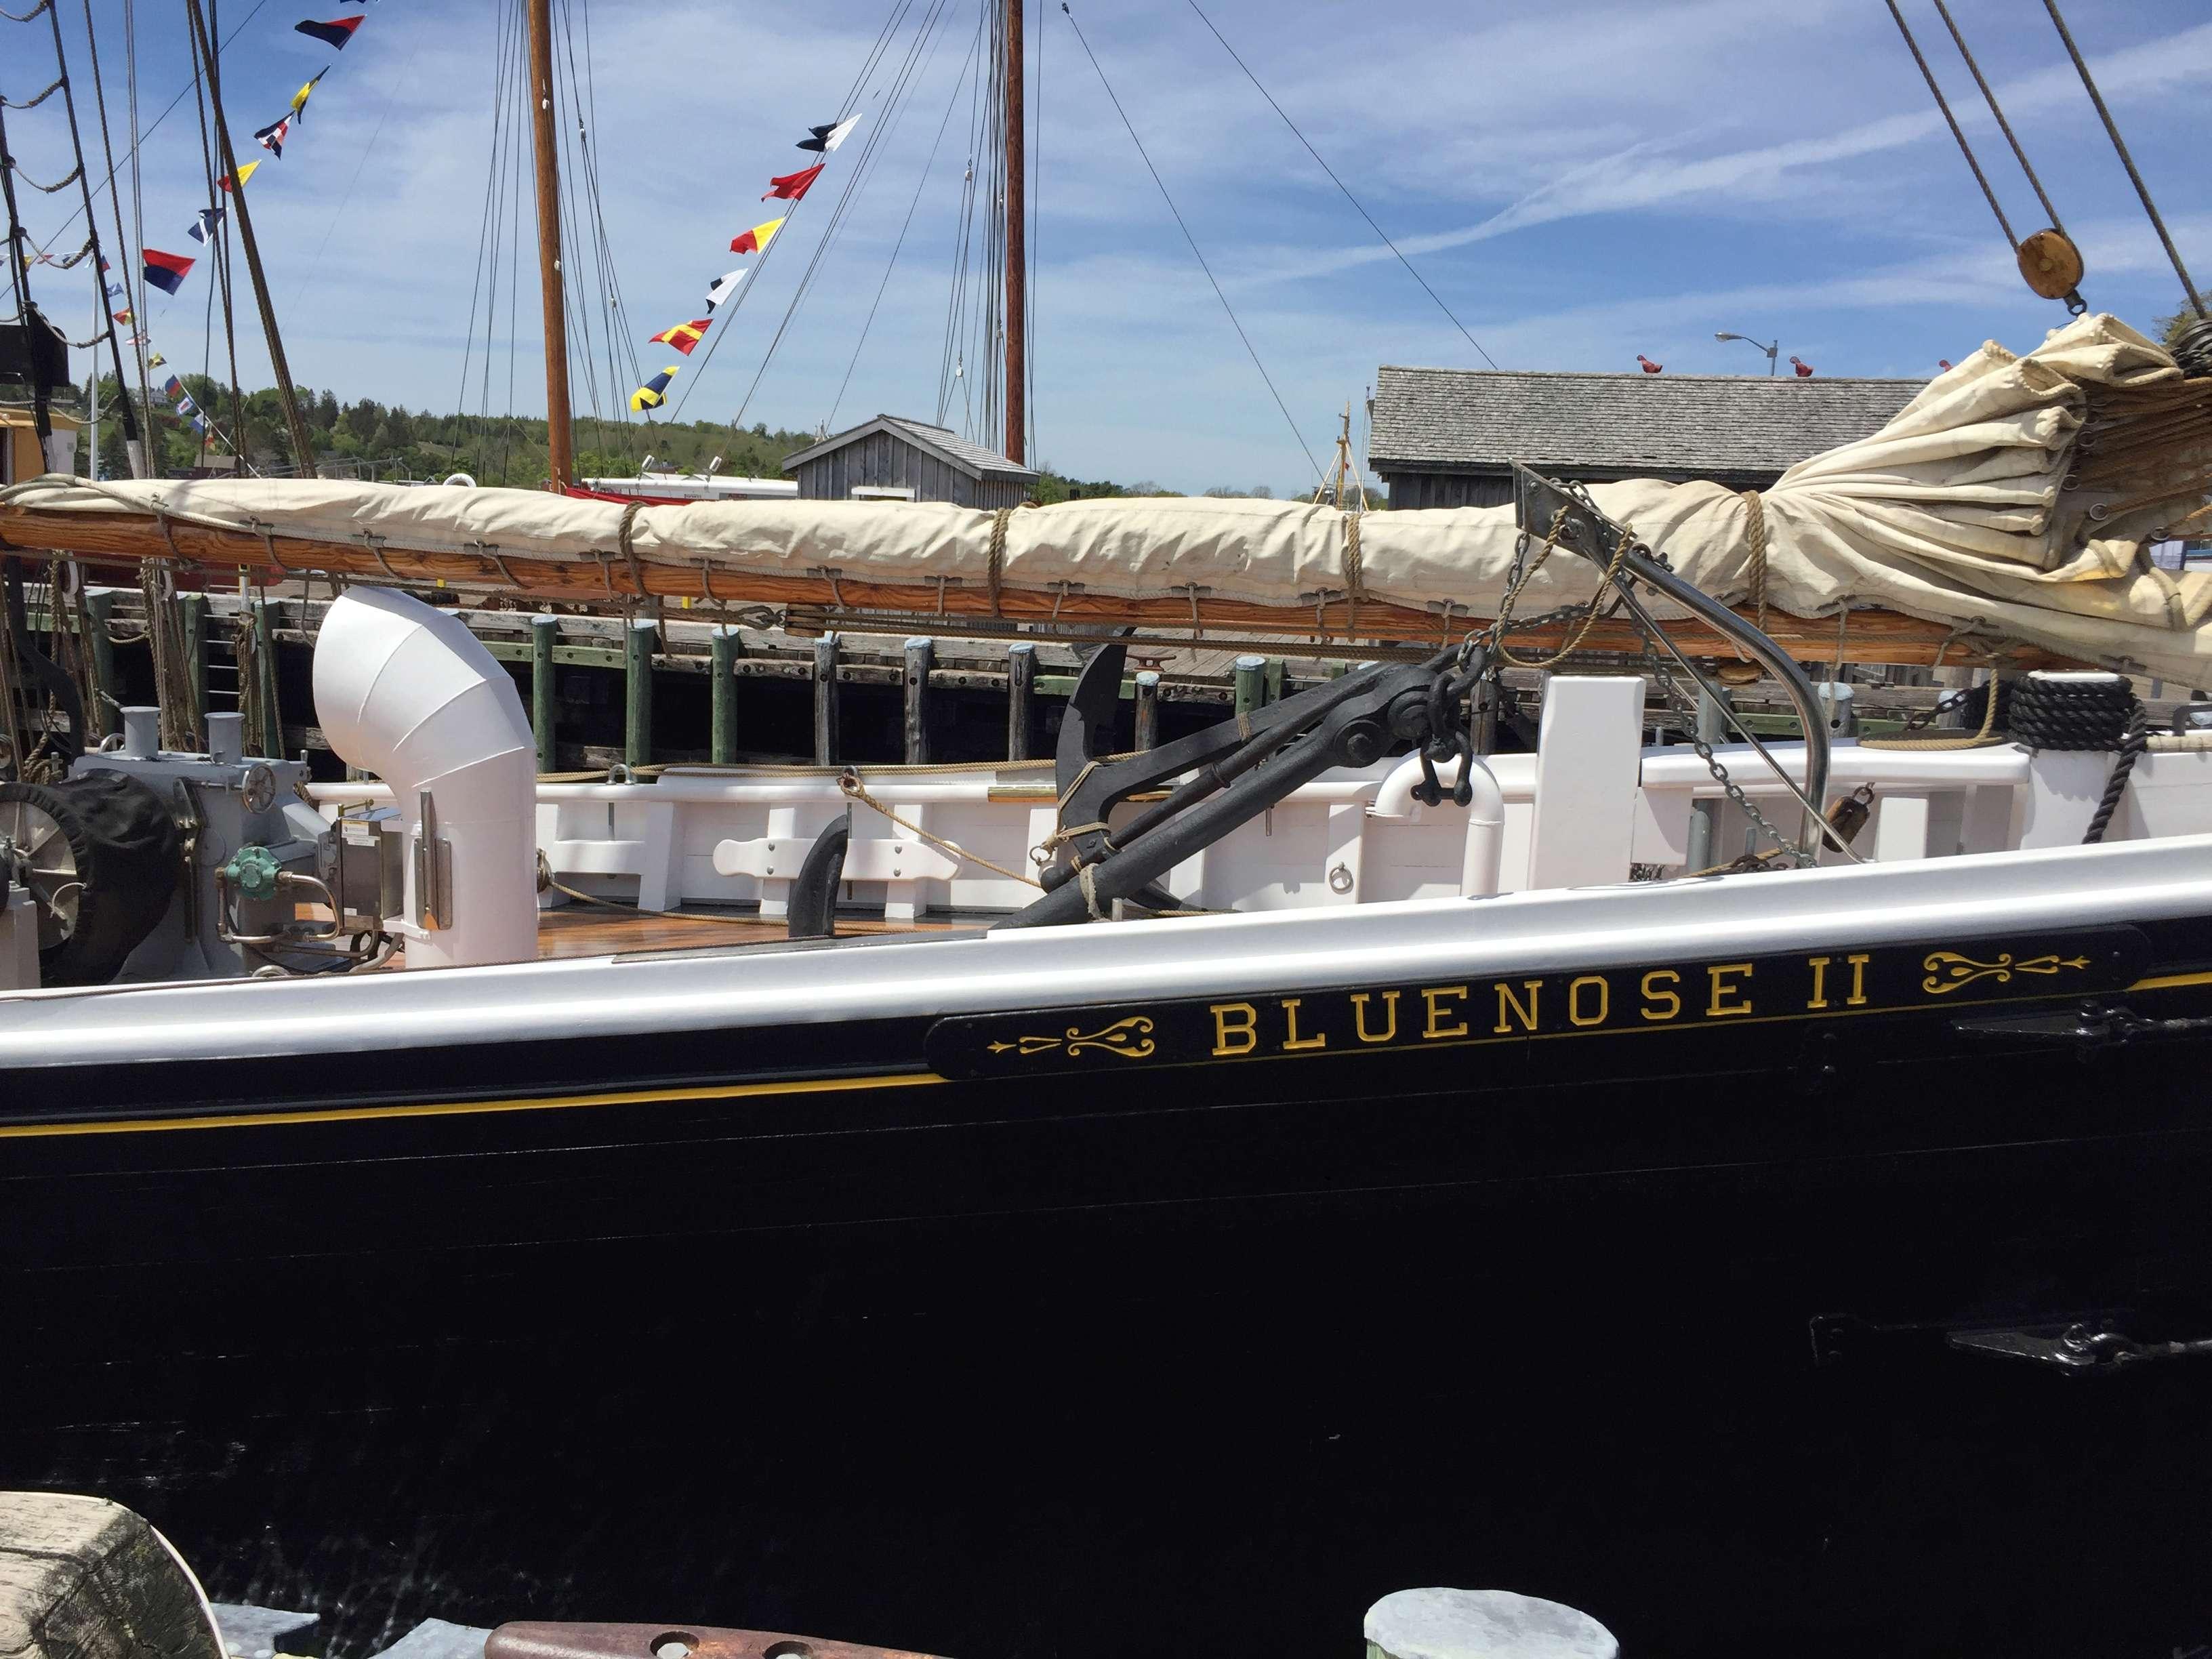 Le Bluenose II Img_1817